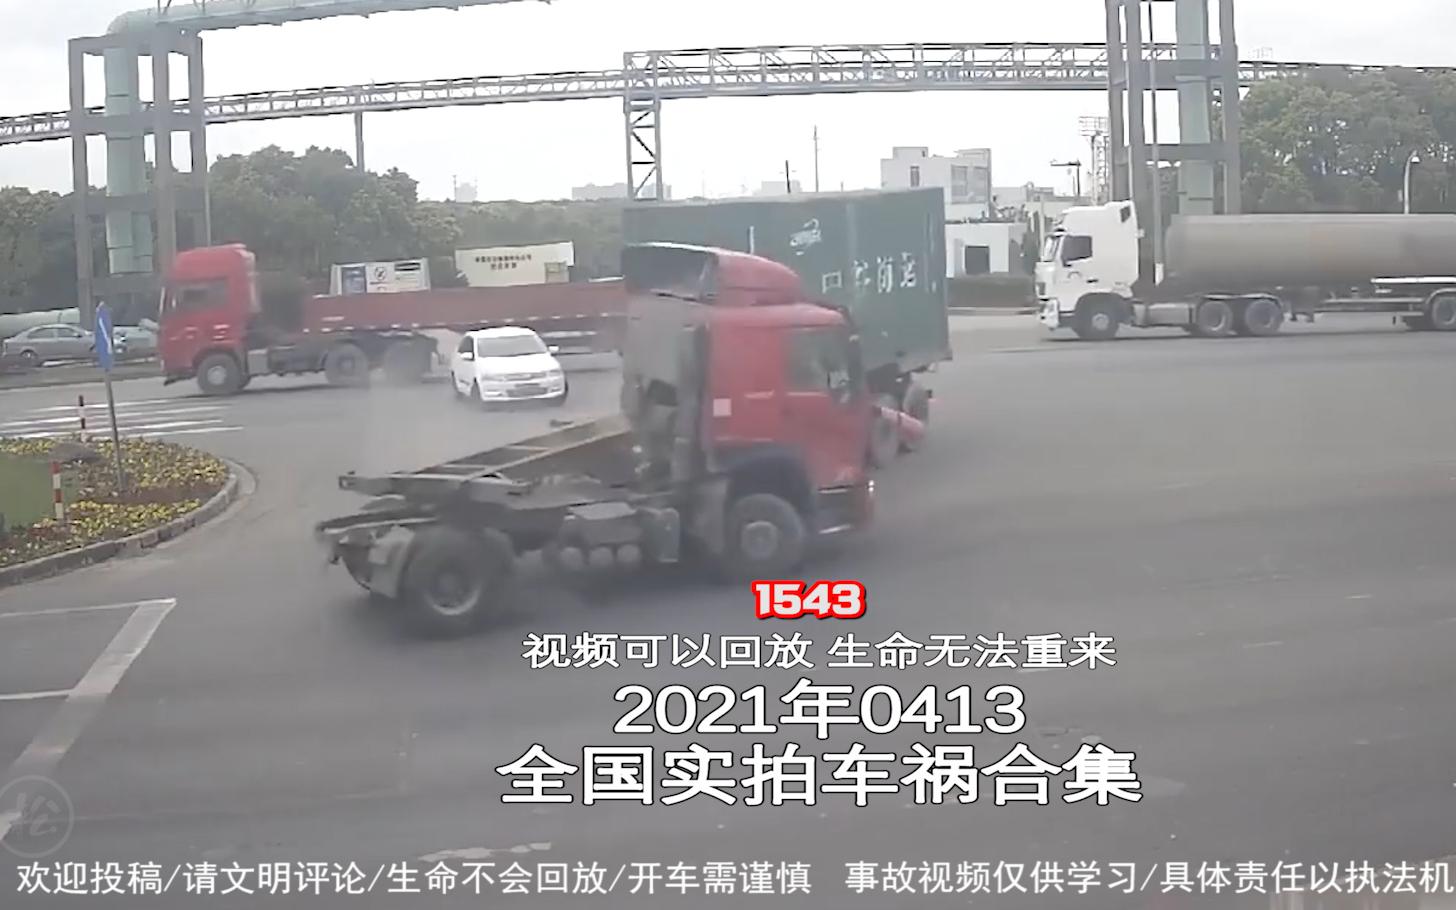 1543期:大车与小轿车相撞,大车侧翻坠下桥【20210413全国车祸合集】